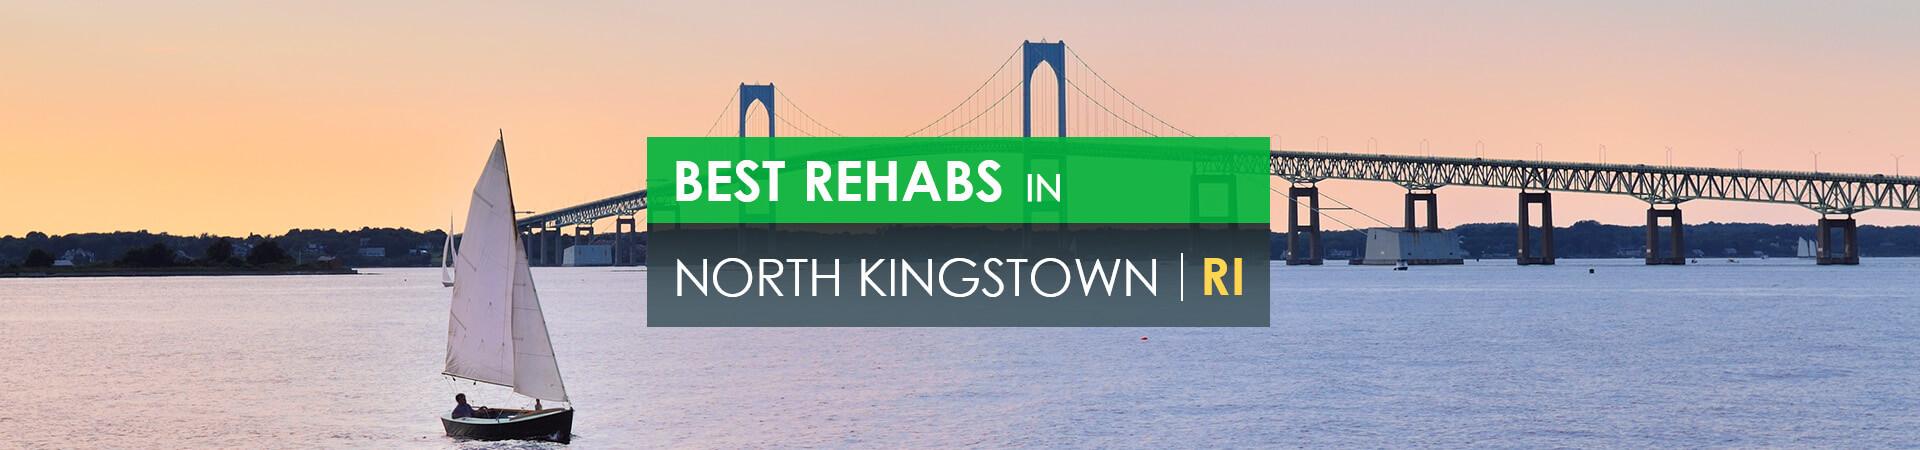 Best rehabs in North Kingstown, RI